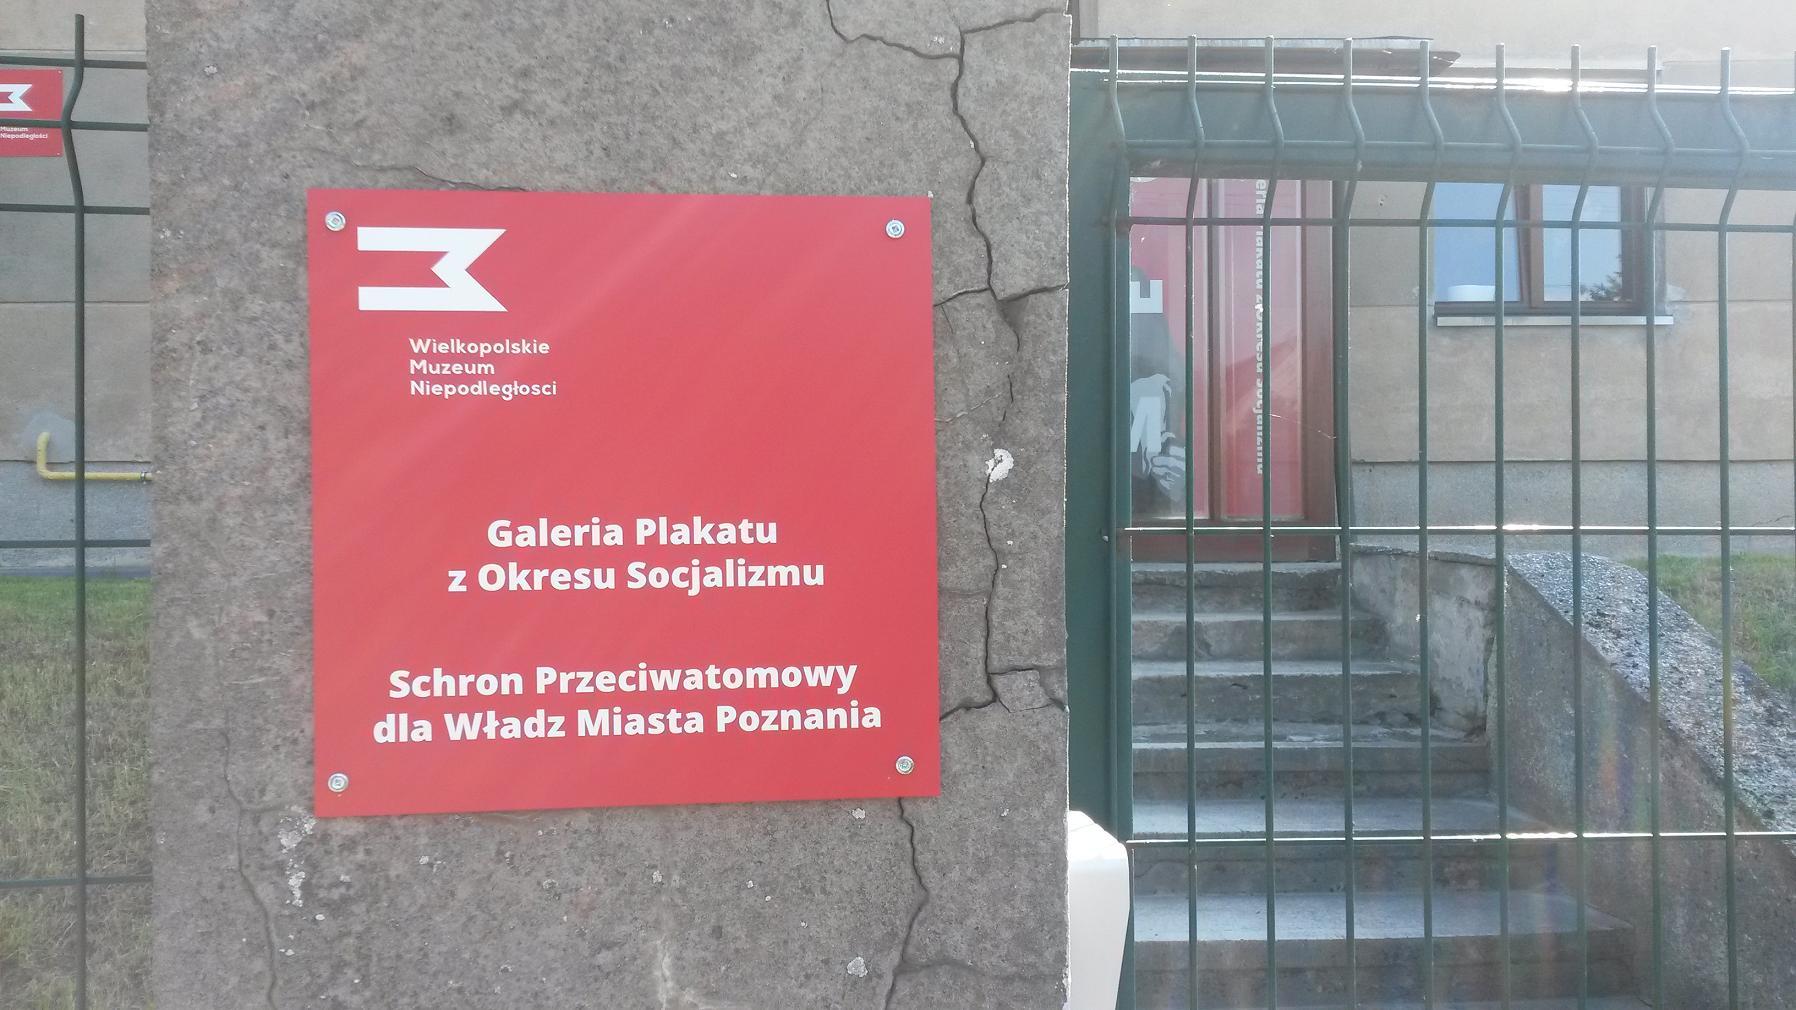 galeria plakatów poznań - Jacek Butlewski